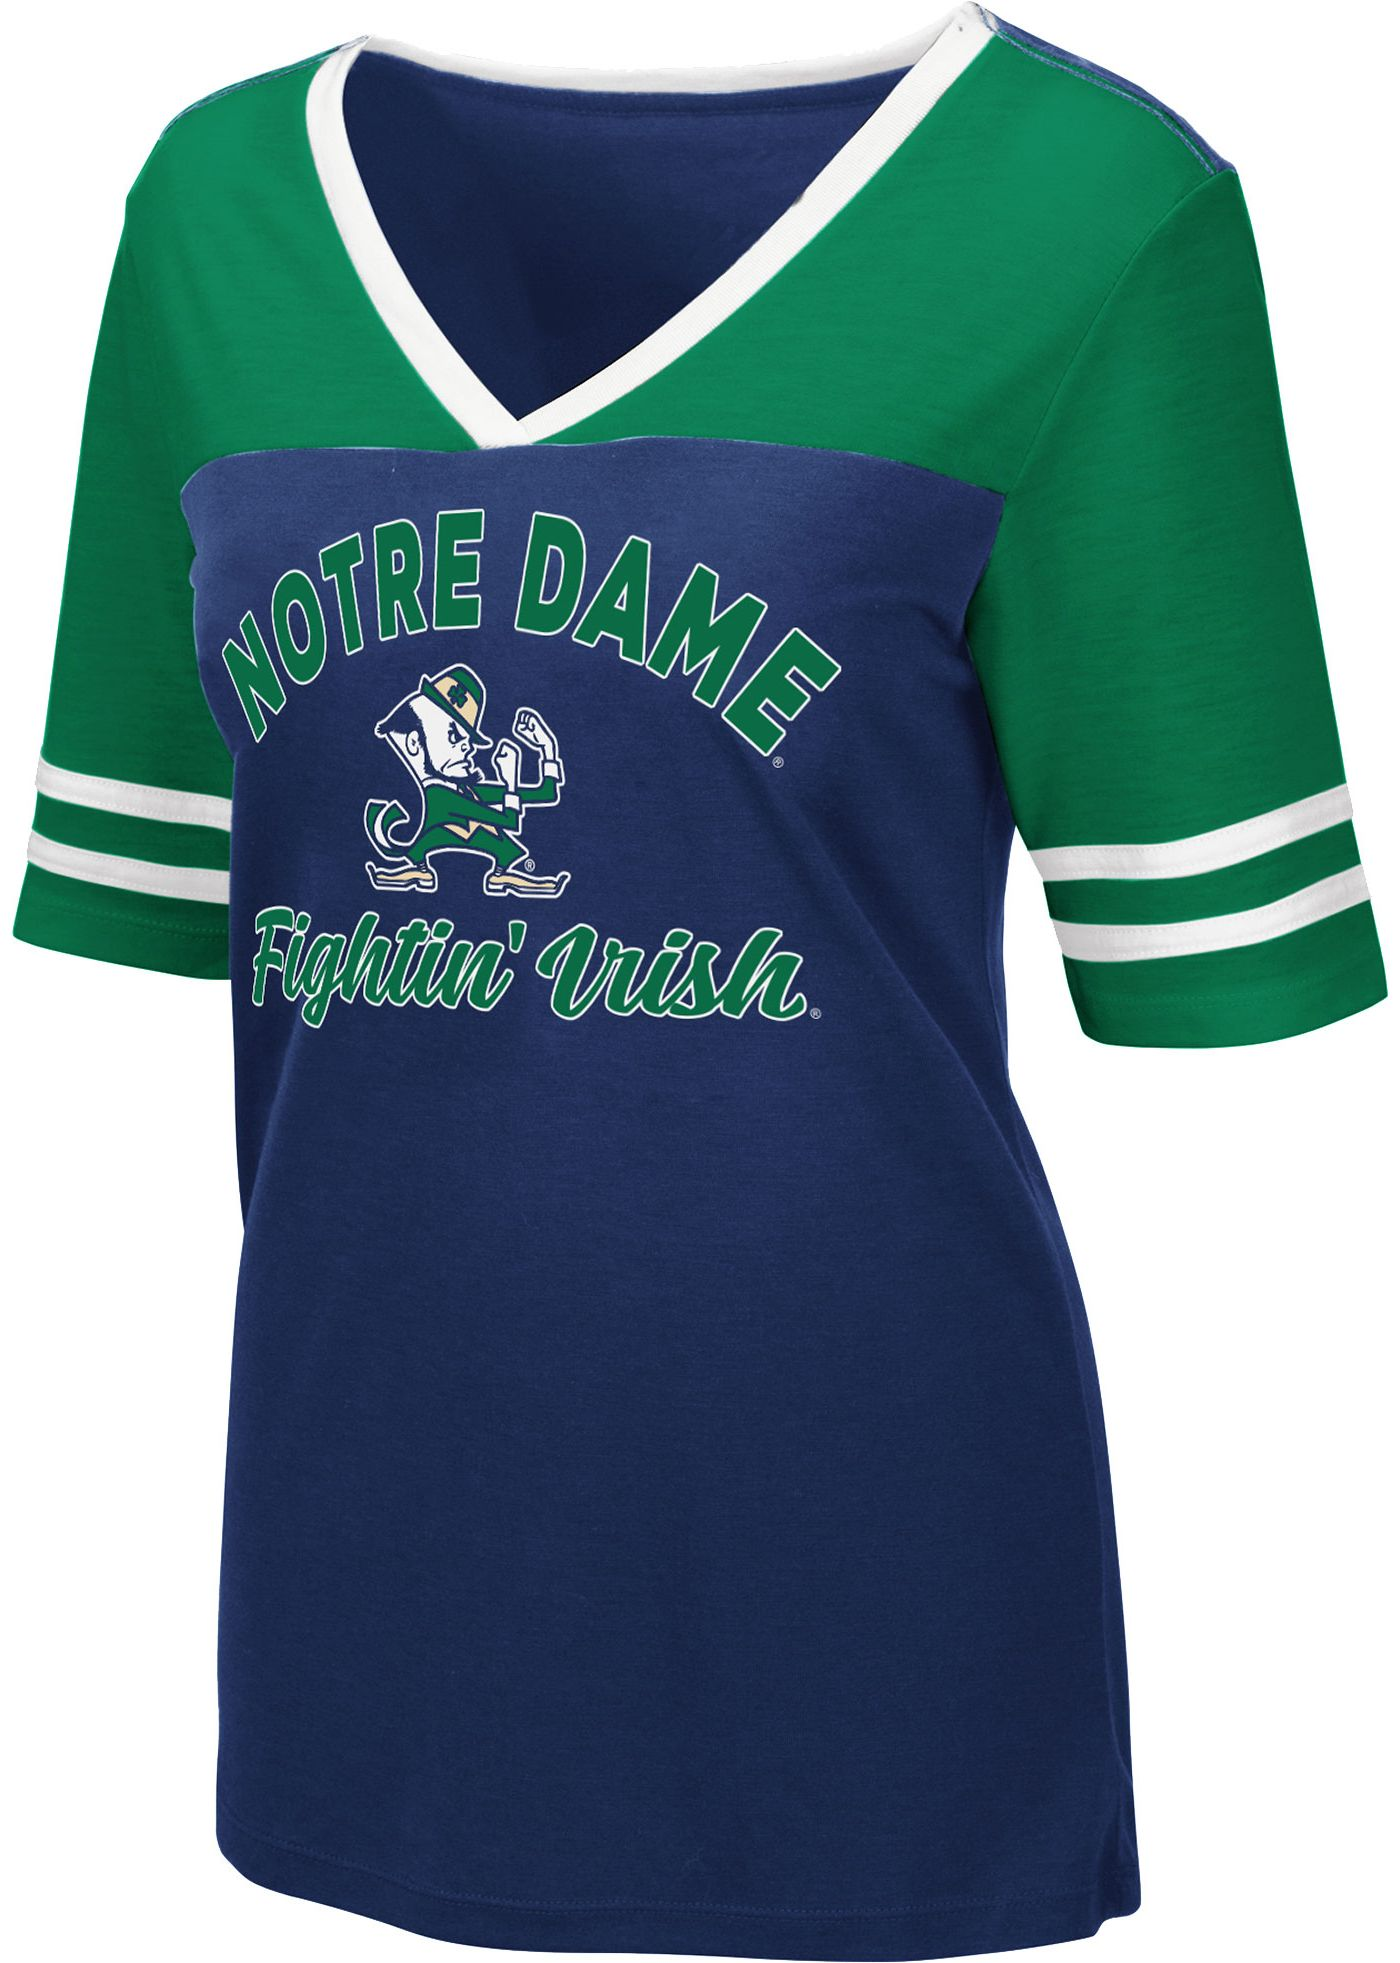 Colosseum Women's Notre Dame Fighting Irish Navy Samantha T-Shirt